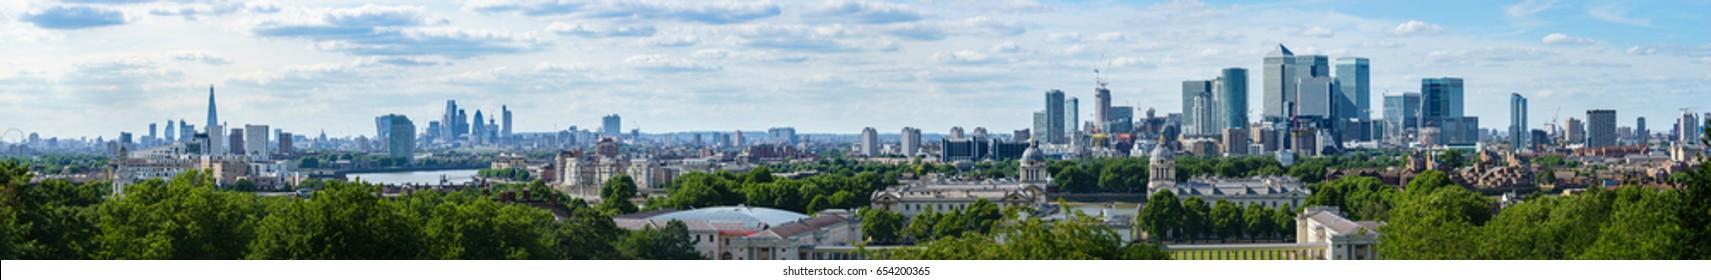 Panorama of London skyscrapers